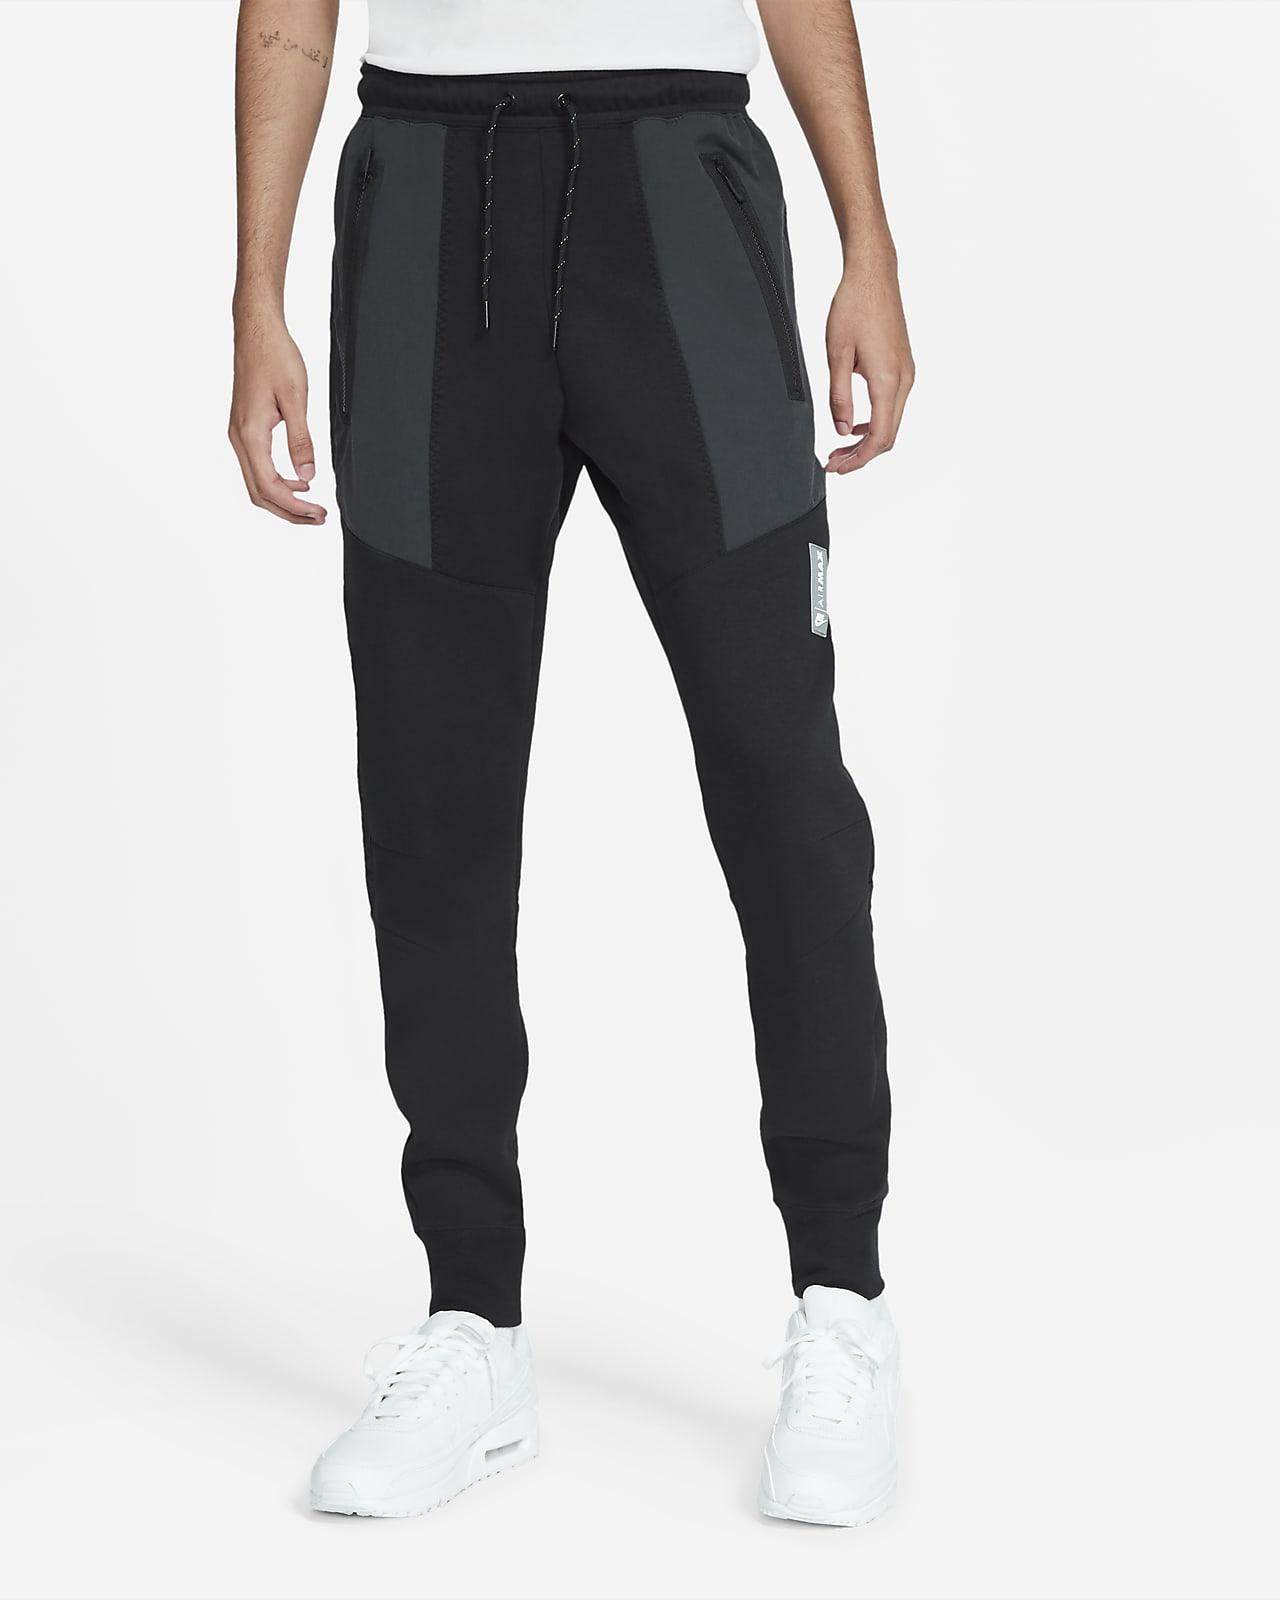 Pantaloni in fleece Nike Sportswear Air Max - Uomo